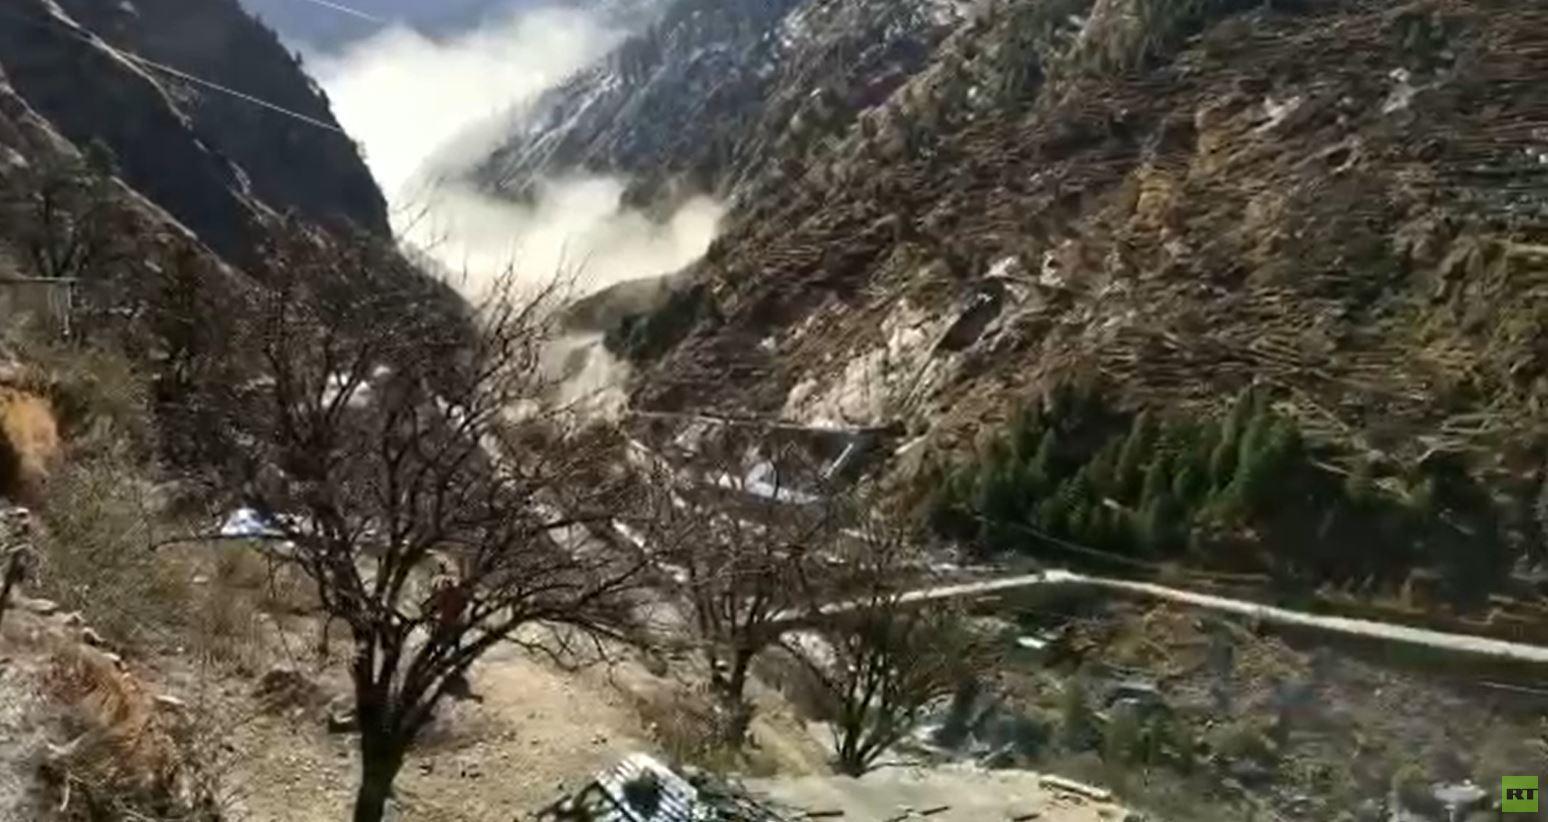 160من الضحايا والمفقودين جراء فيضان نهر بالهند سببه انهيار جليدي (فيديو)